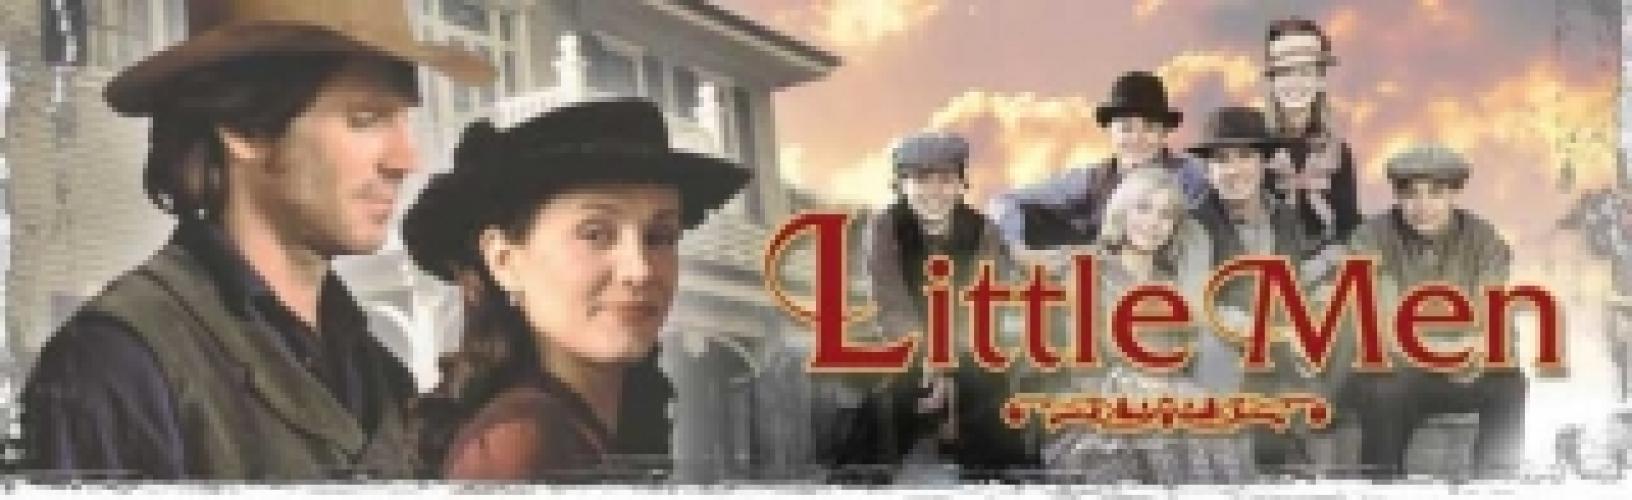 Little Men next episode air date poster